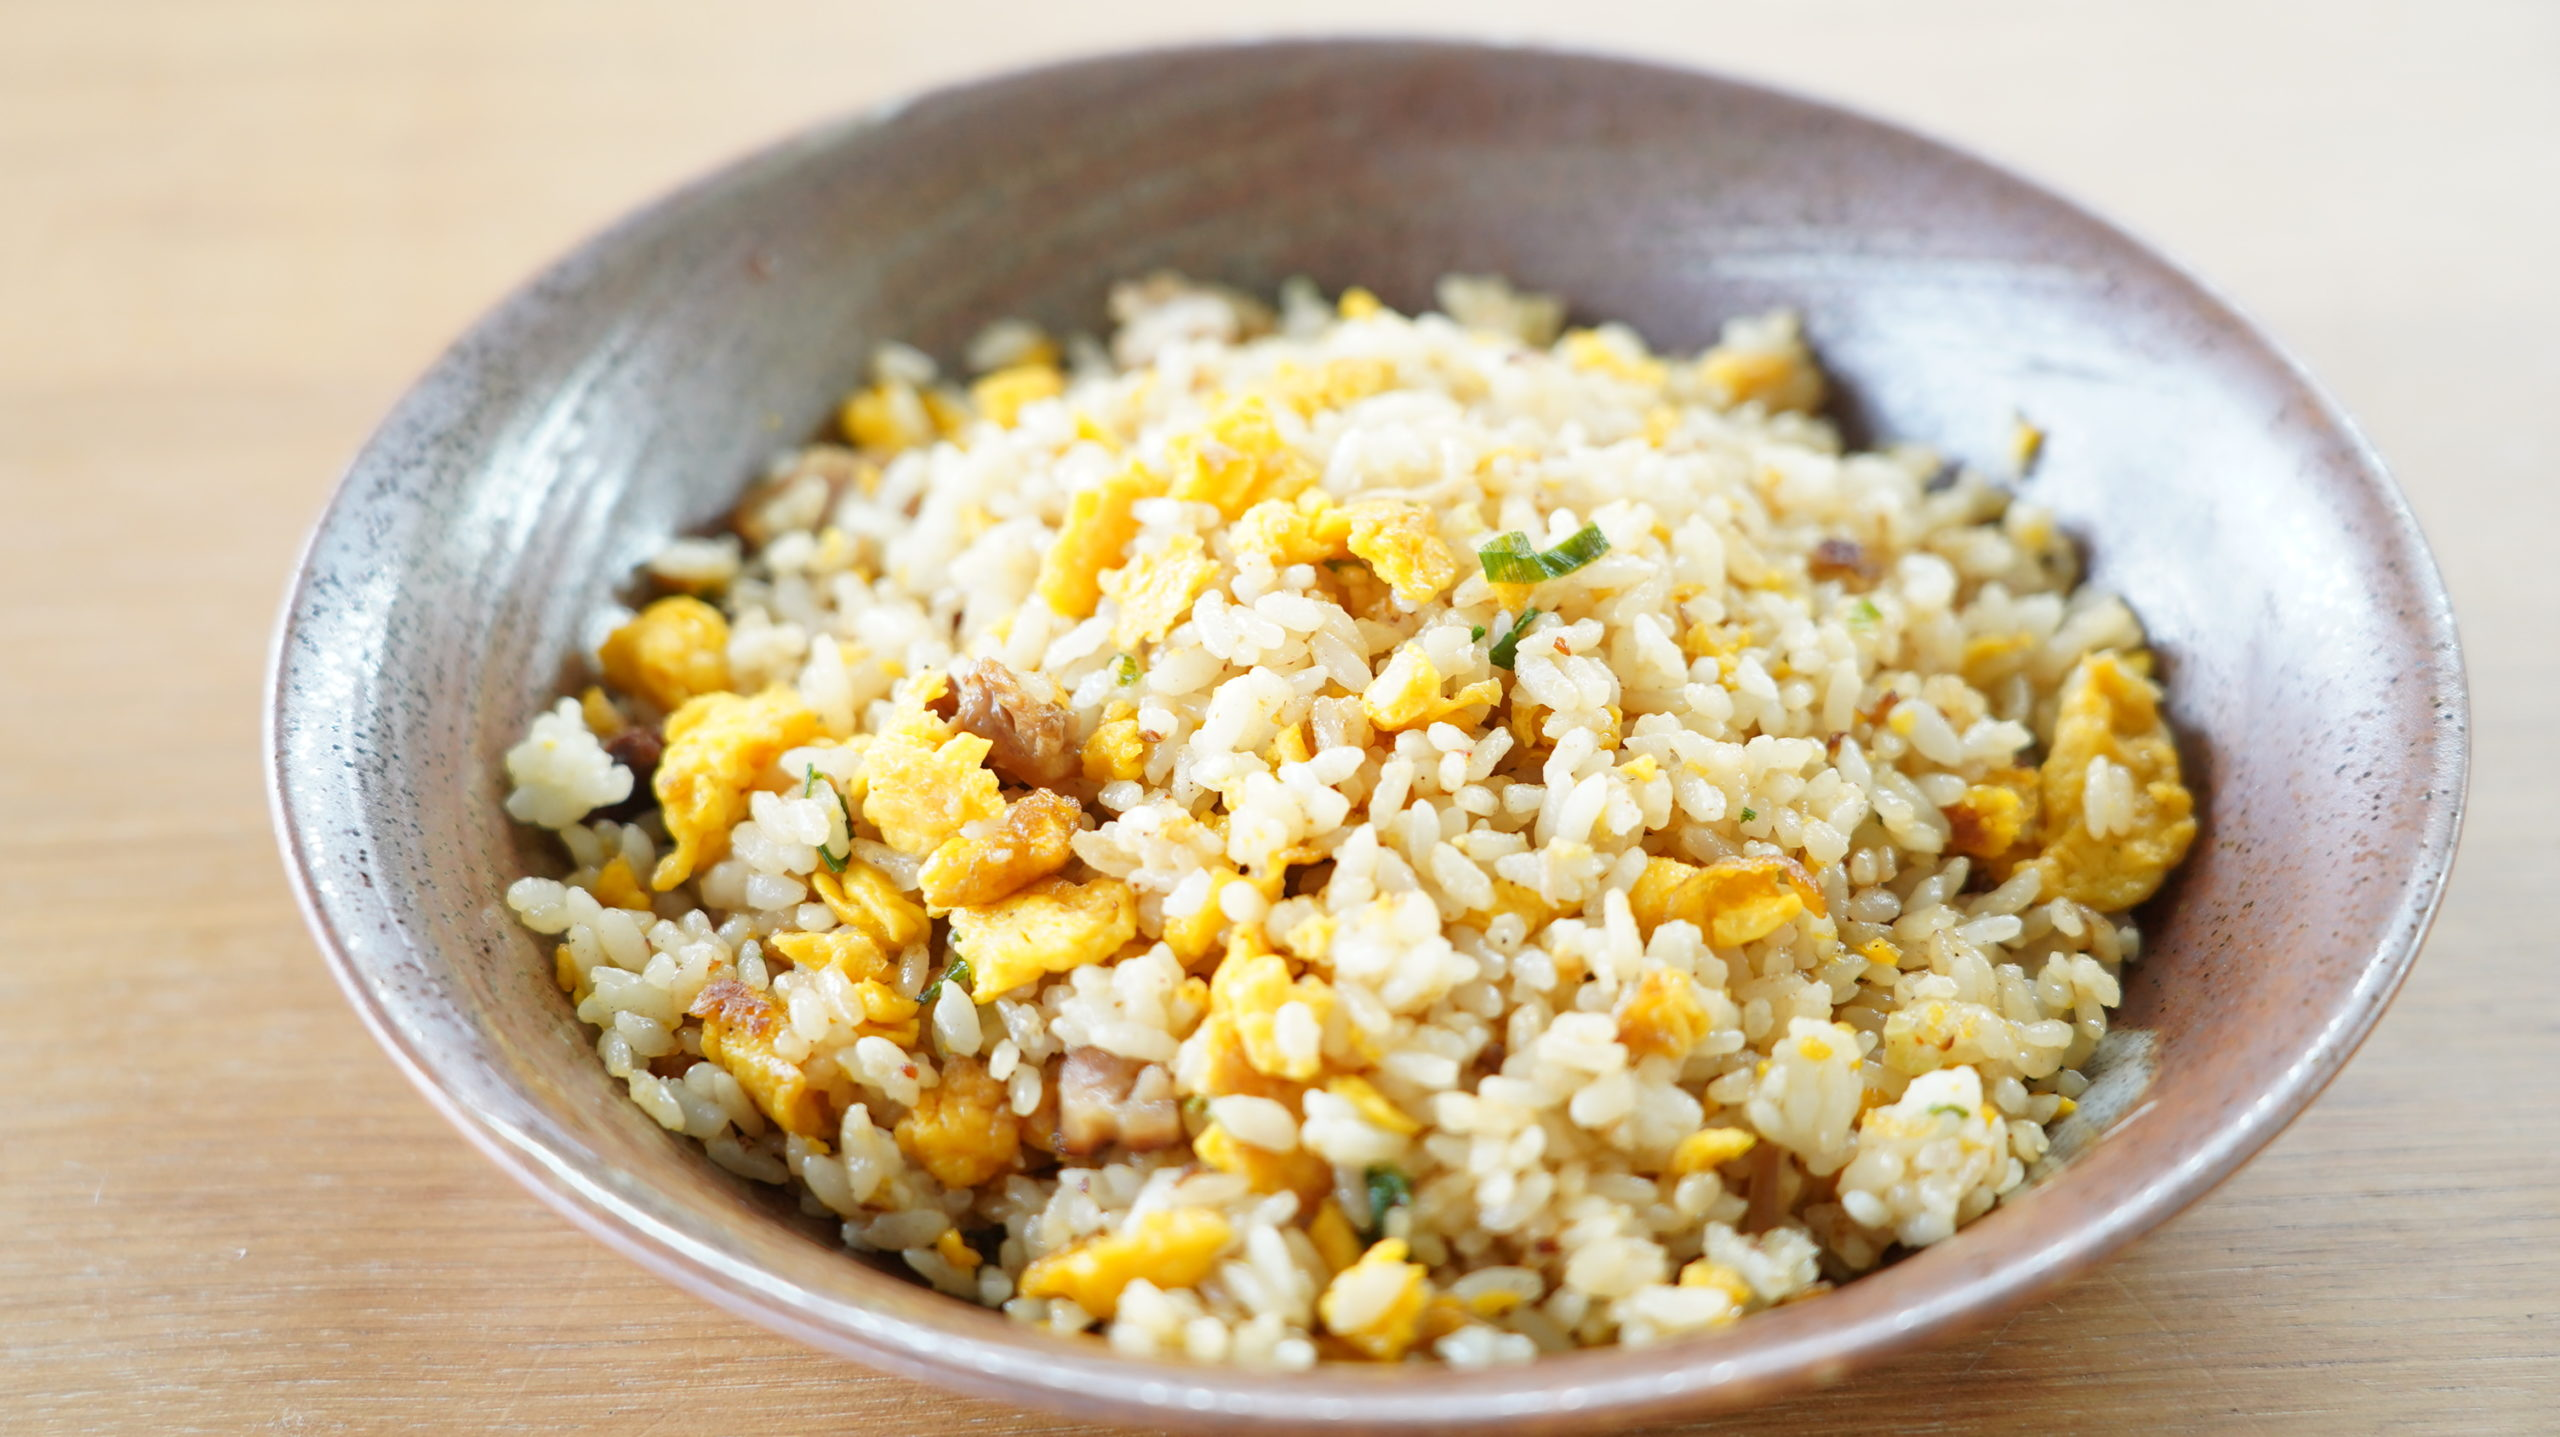 セブンイレブンのおすすめ冷凍食品「極上炒飯」を皿に盛り付けた写真